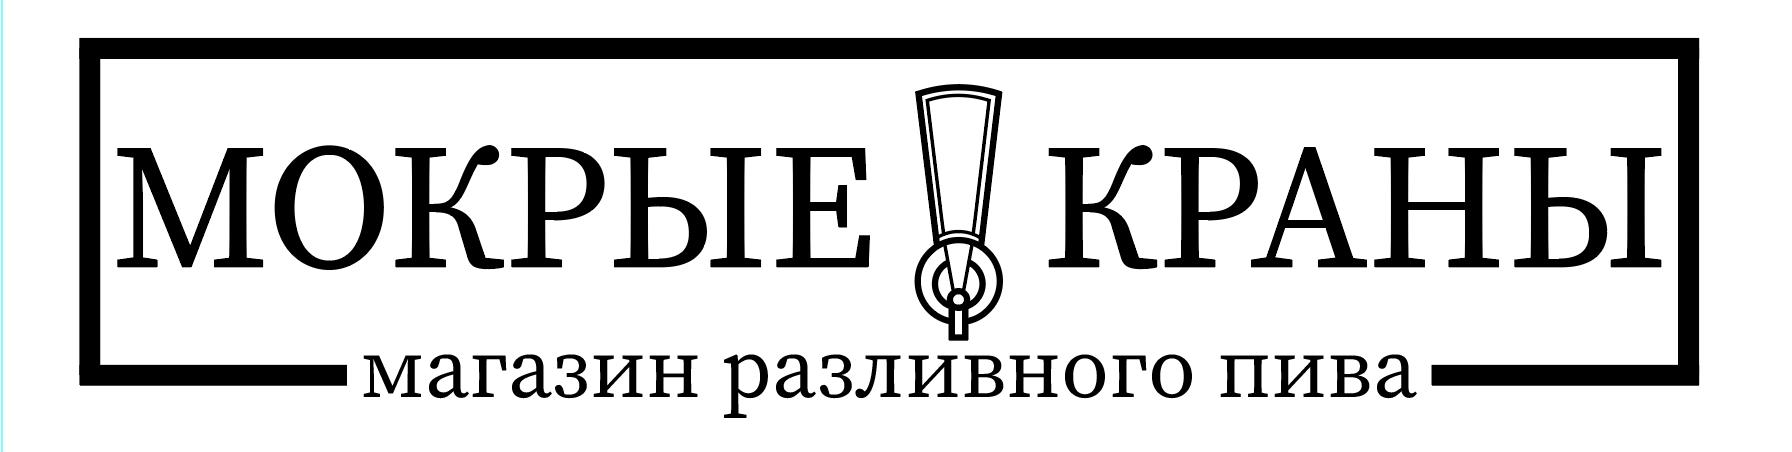 Вывеска/логотип для пивного магазина фото f_73160216f911bfba.png